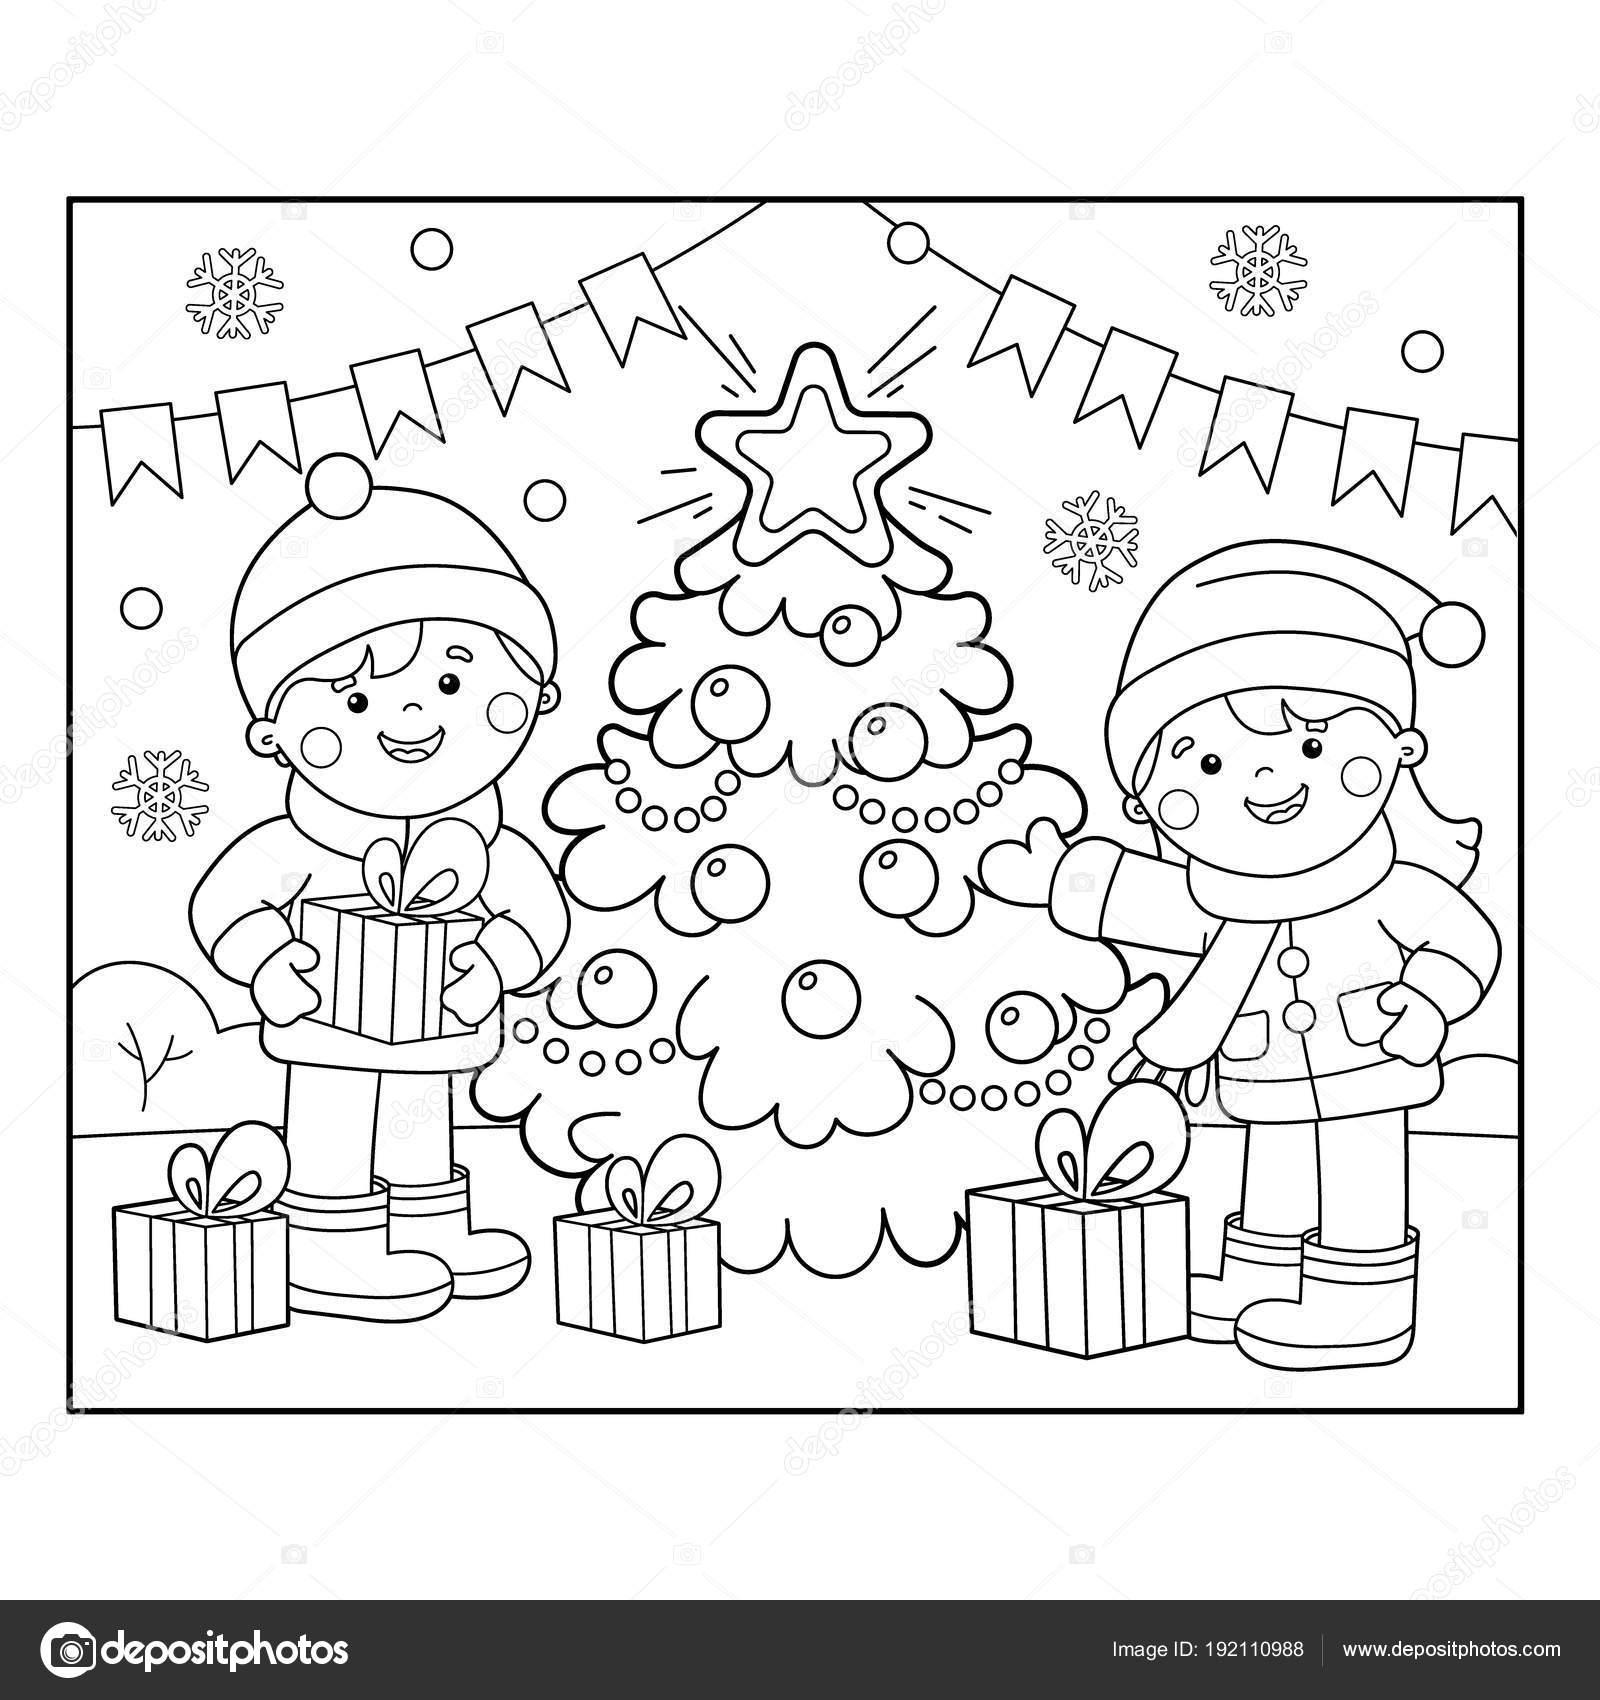 Sayfa Anahat çocuklar Noel Ağacı Hediyeler Ile Boyama Noel Yeni